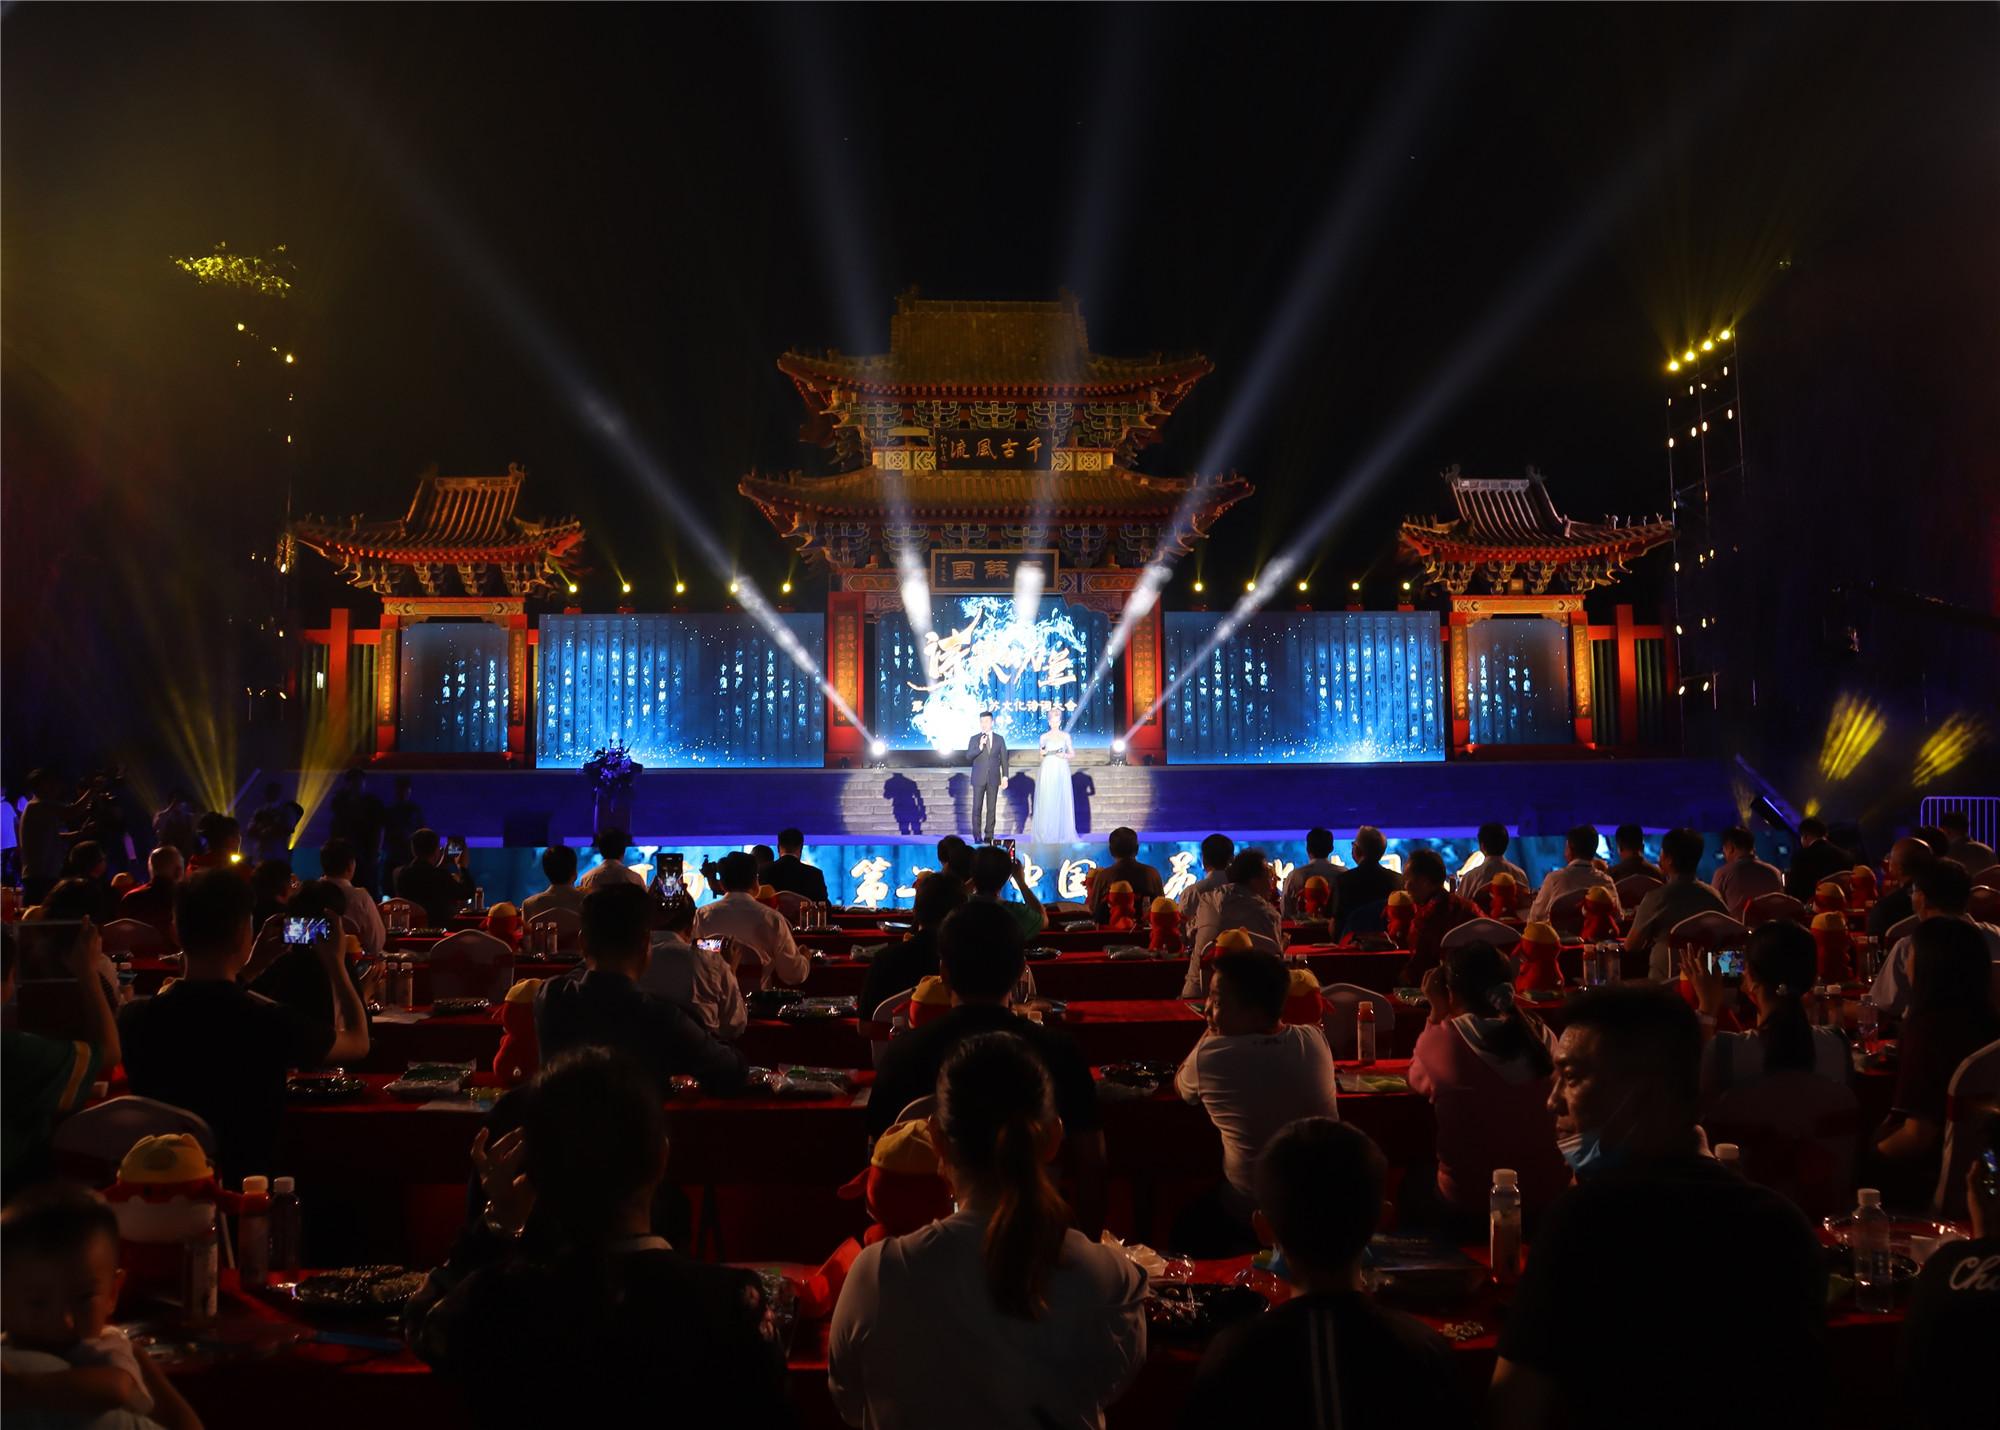 10月4日诗歌的力量——河南郏县第二届中国三苏文化诗词大会举行.1_副本.jpg